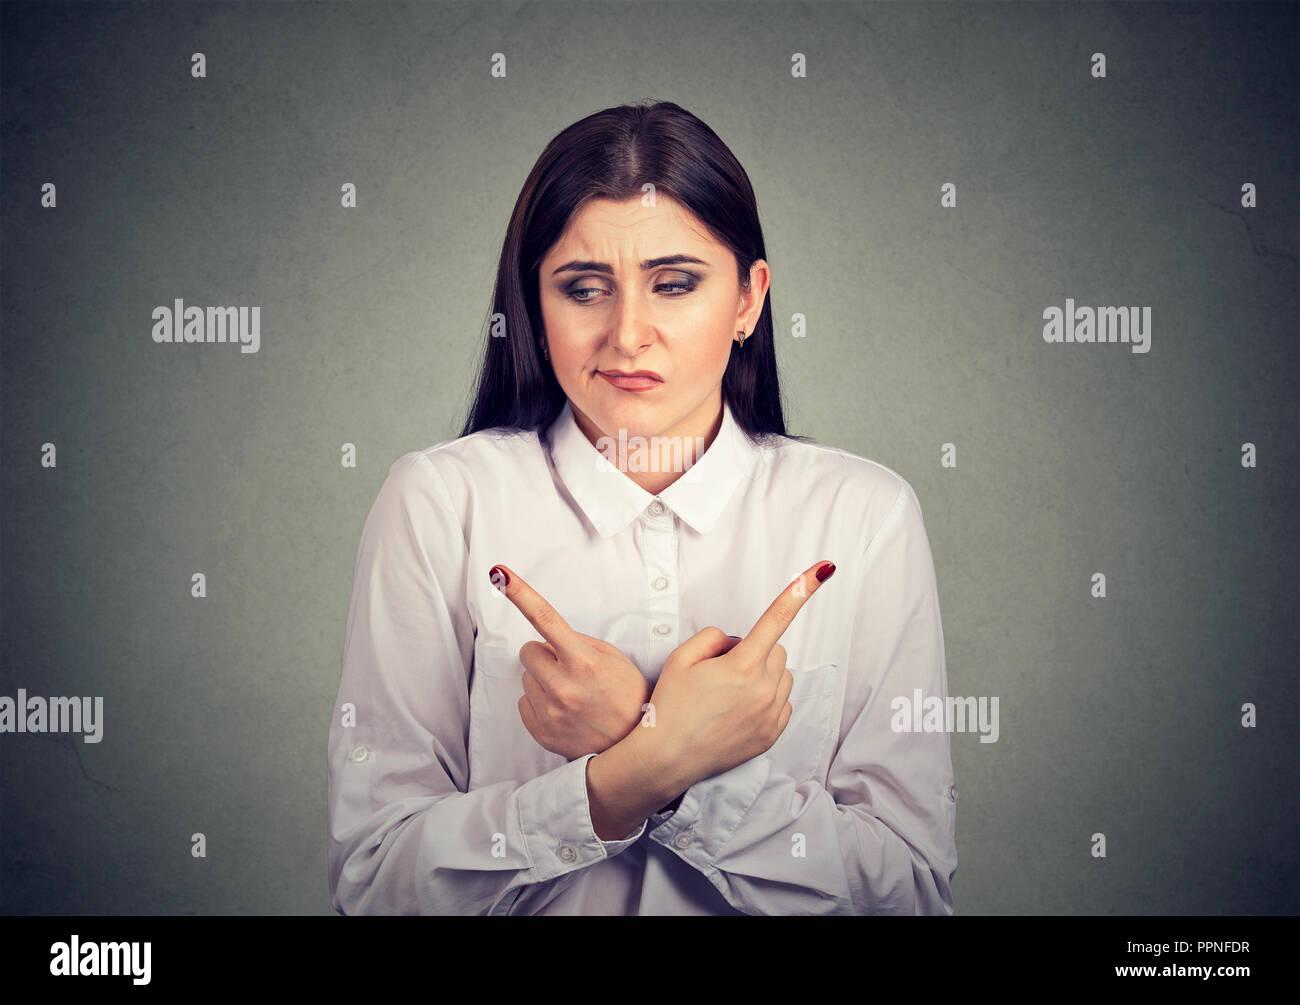 Junge unsichere Frau suchen betonte gleichzeitig, mit den Fingern in entgegengesetzte Richtungen auf grauem Hintergrund Stockbild